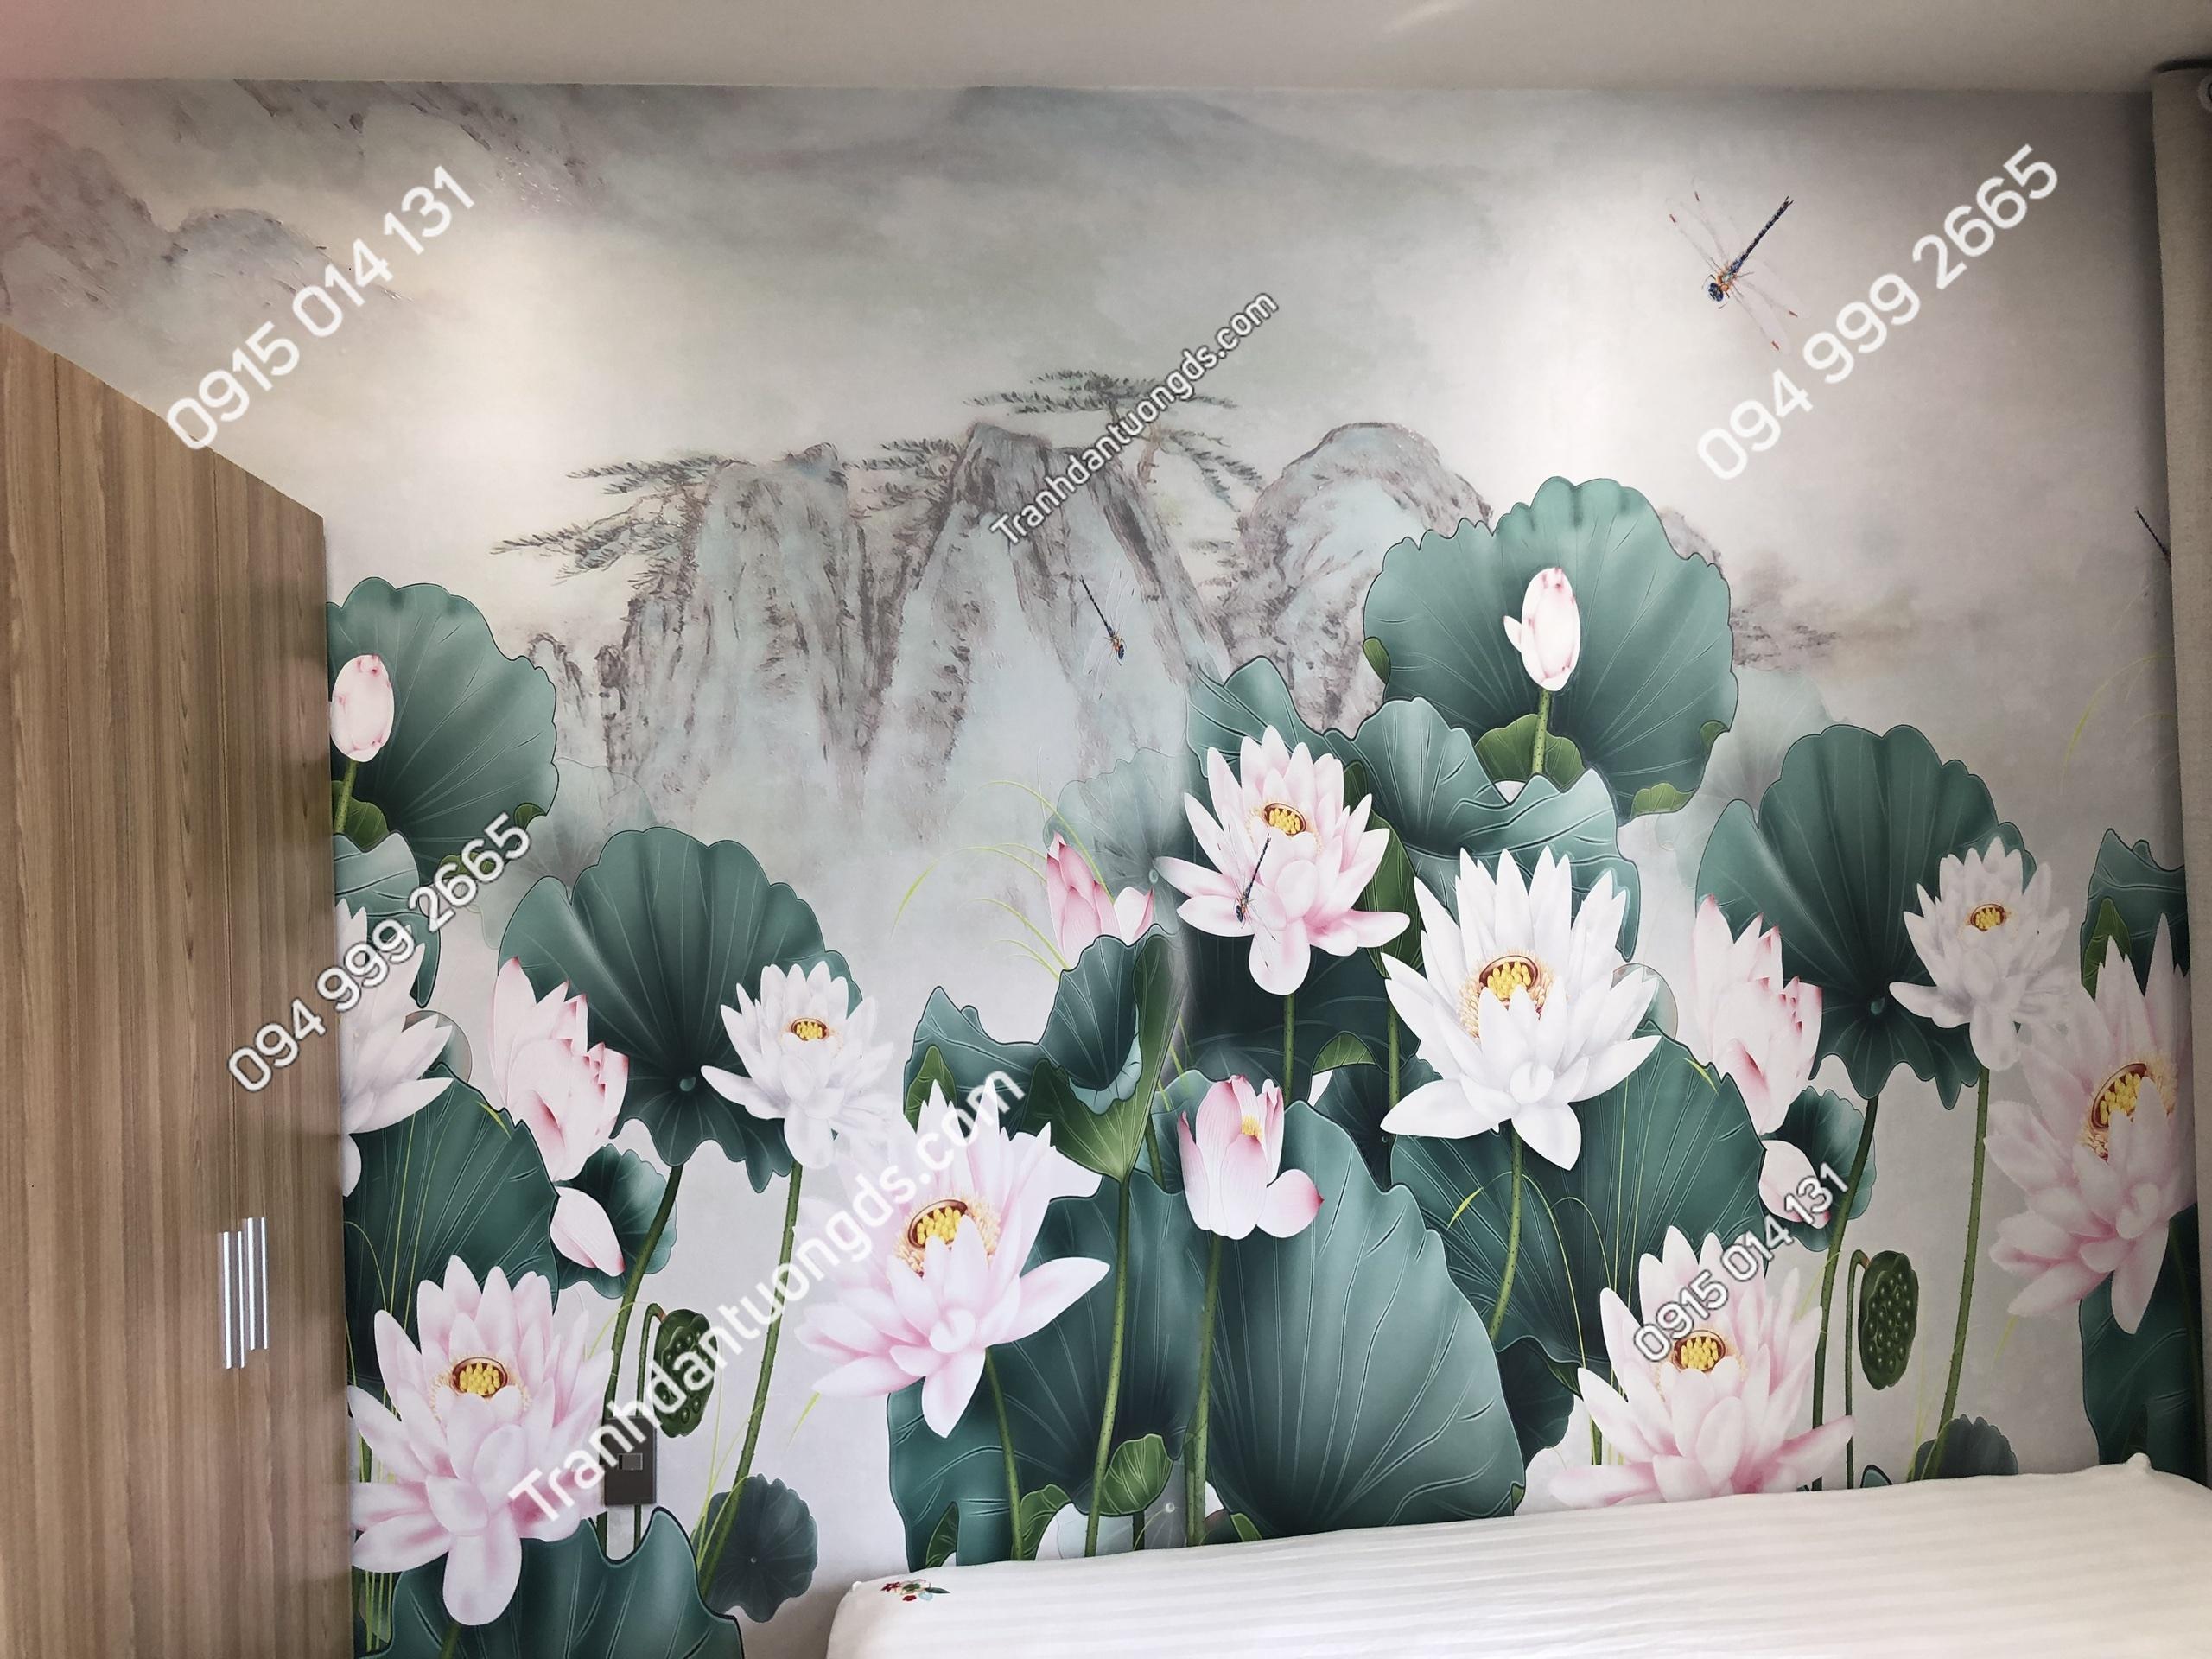 Tranh dán tường hoa sen phòng ngủ 5D